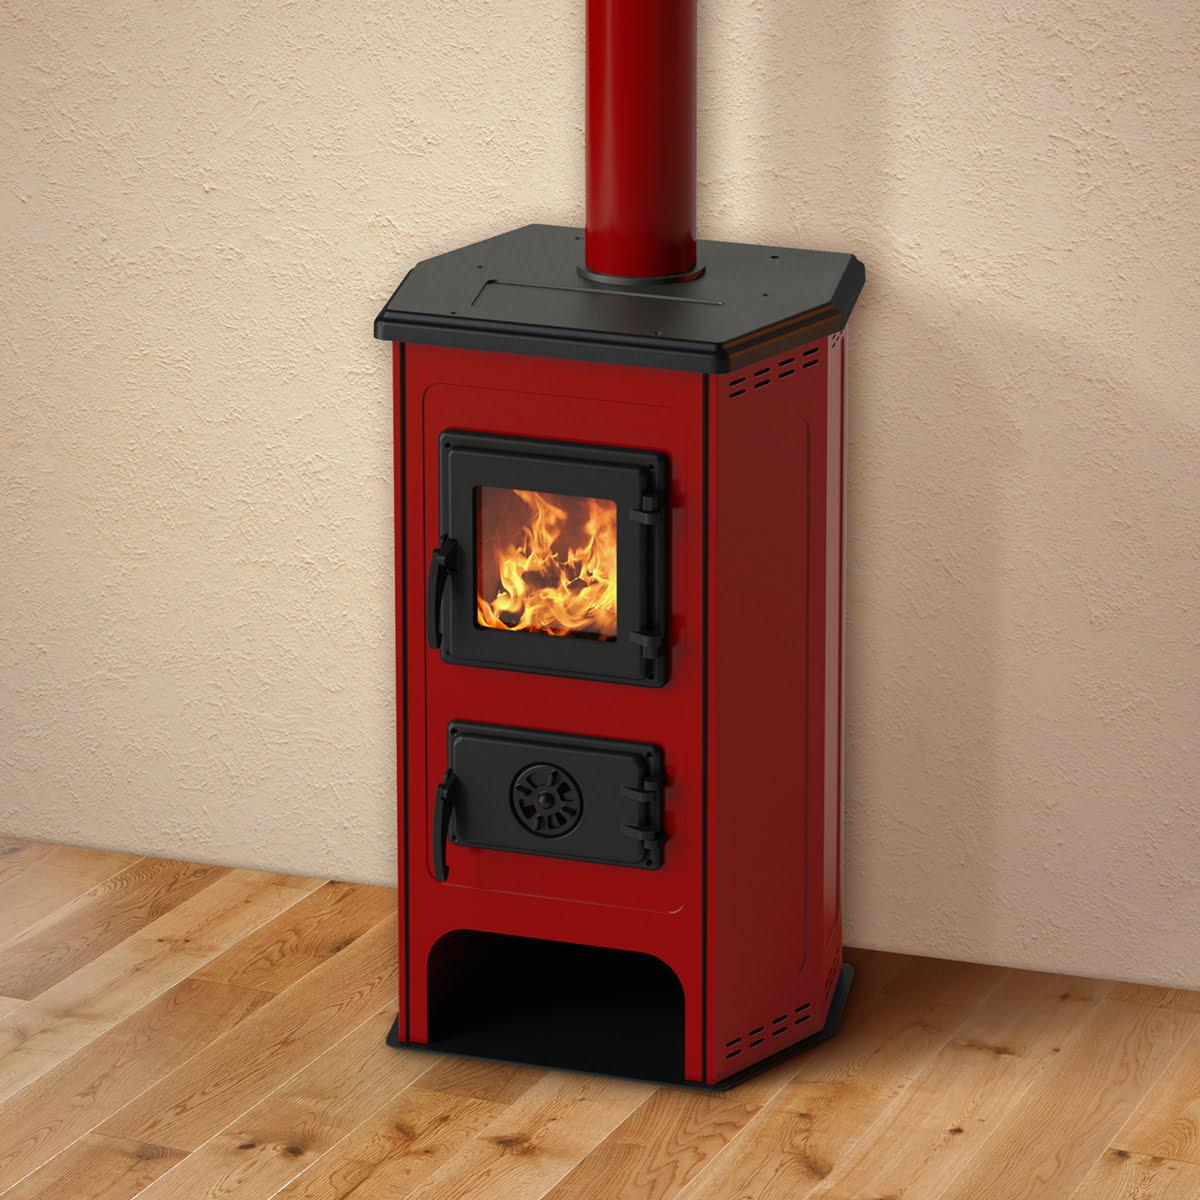 Sobe de ardere a lemnului sunt sigure pentru sănătatea dvs.?